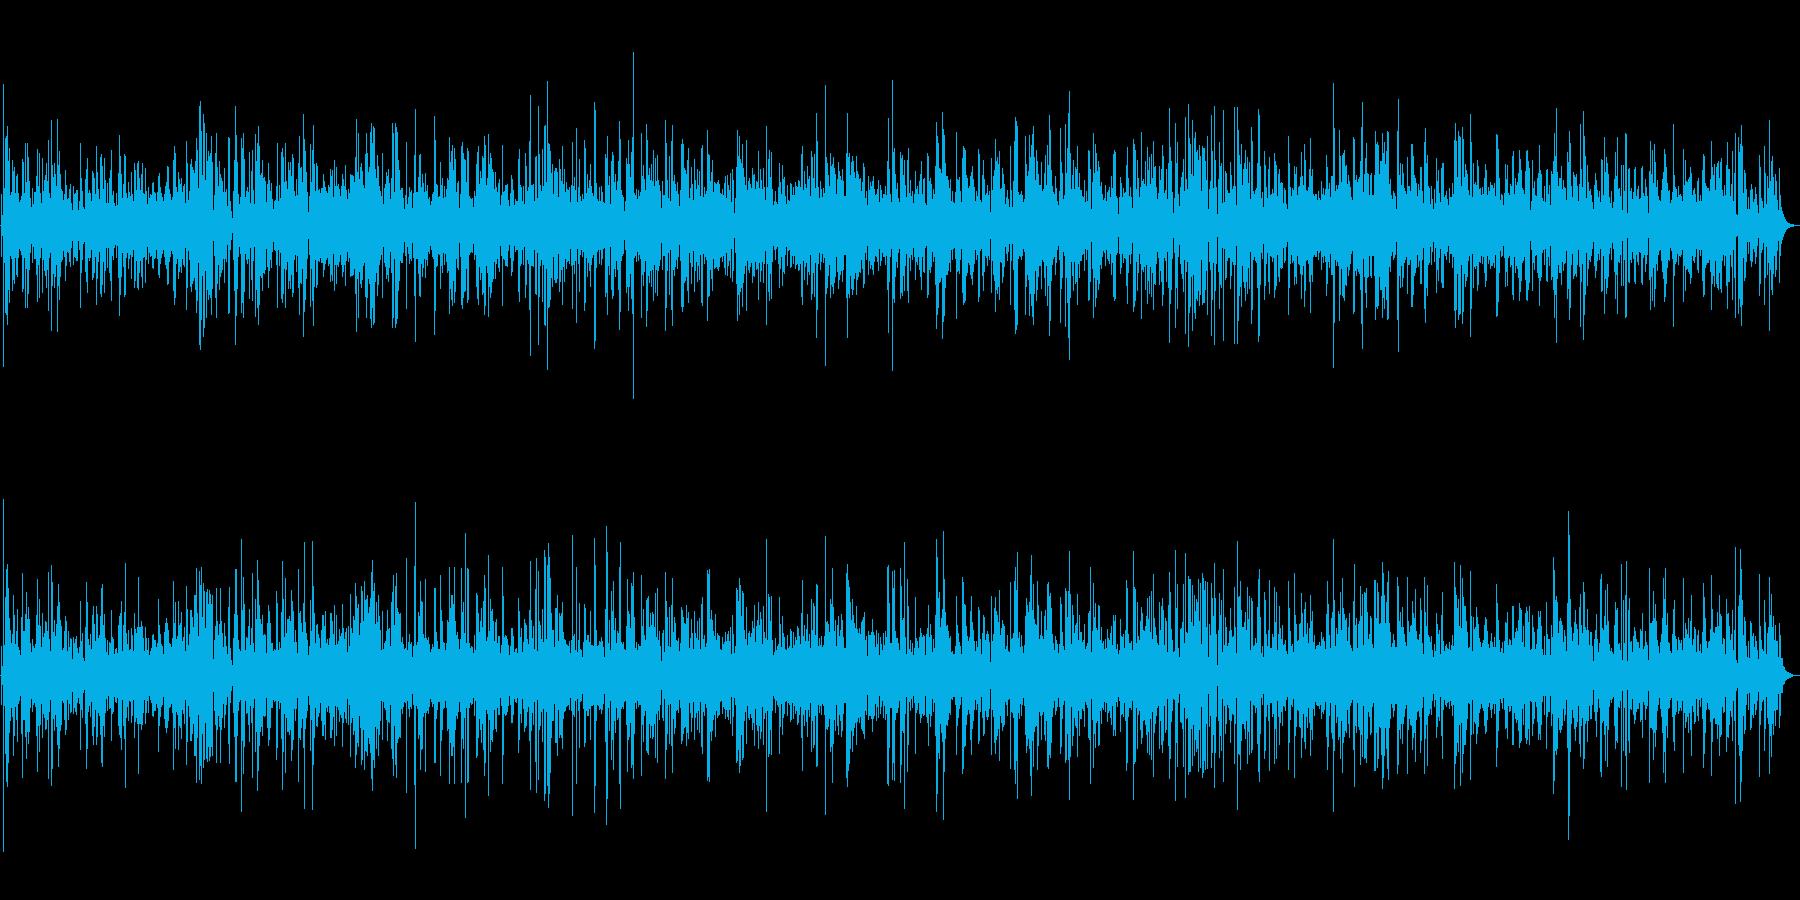 映像・店舗用カフェBGM ジャズバラードの再生済みの波形